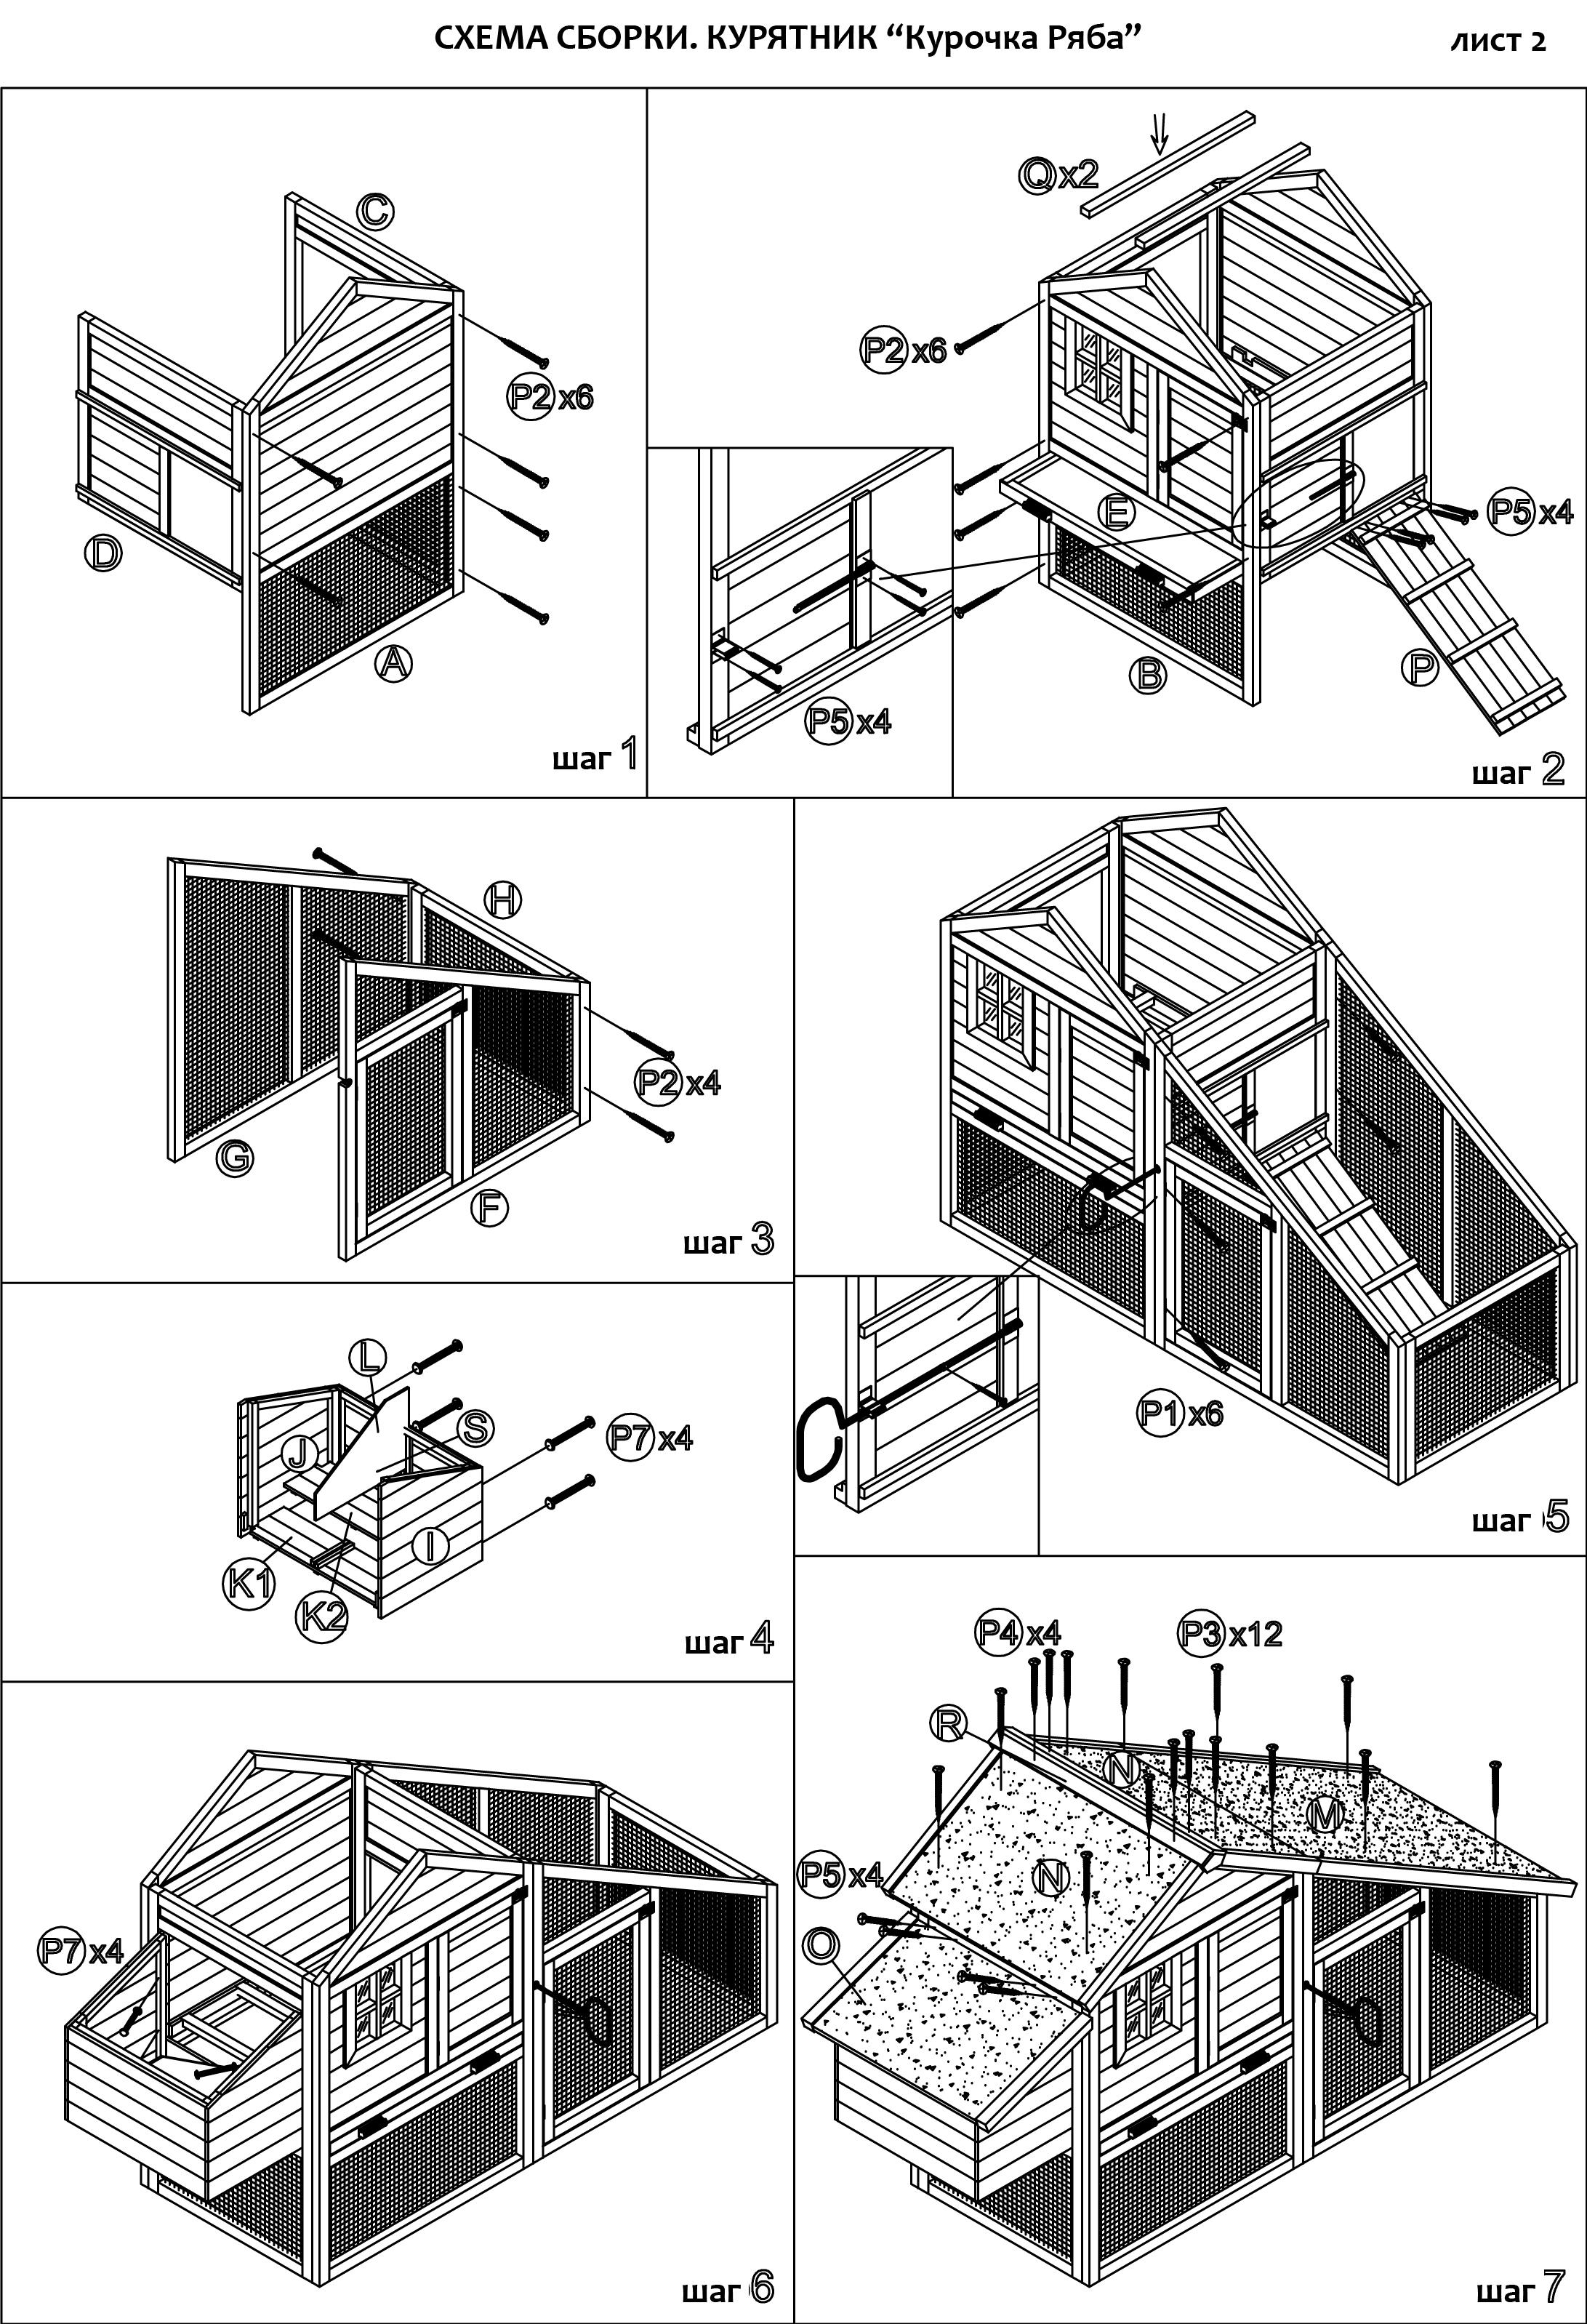 Как построить курятник на 5 кур чертежи